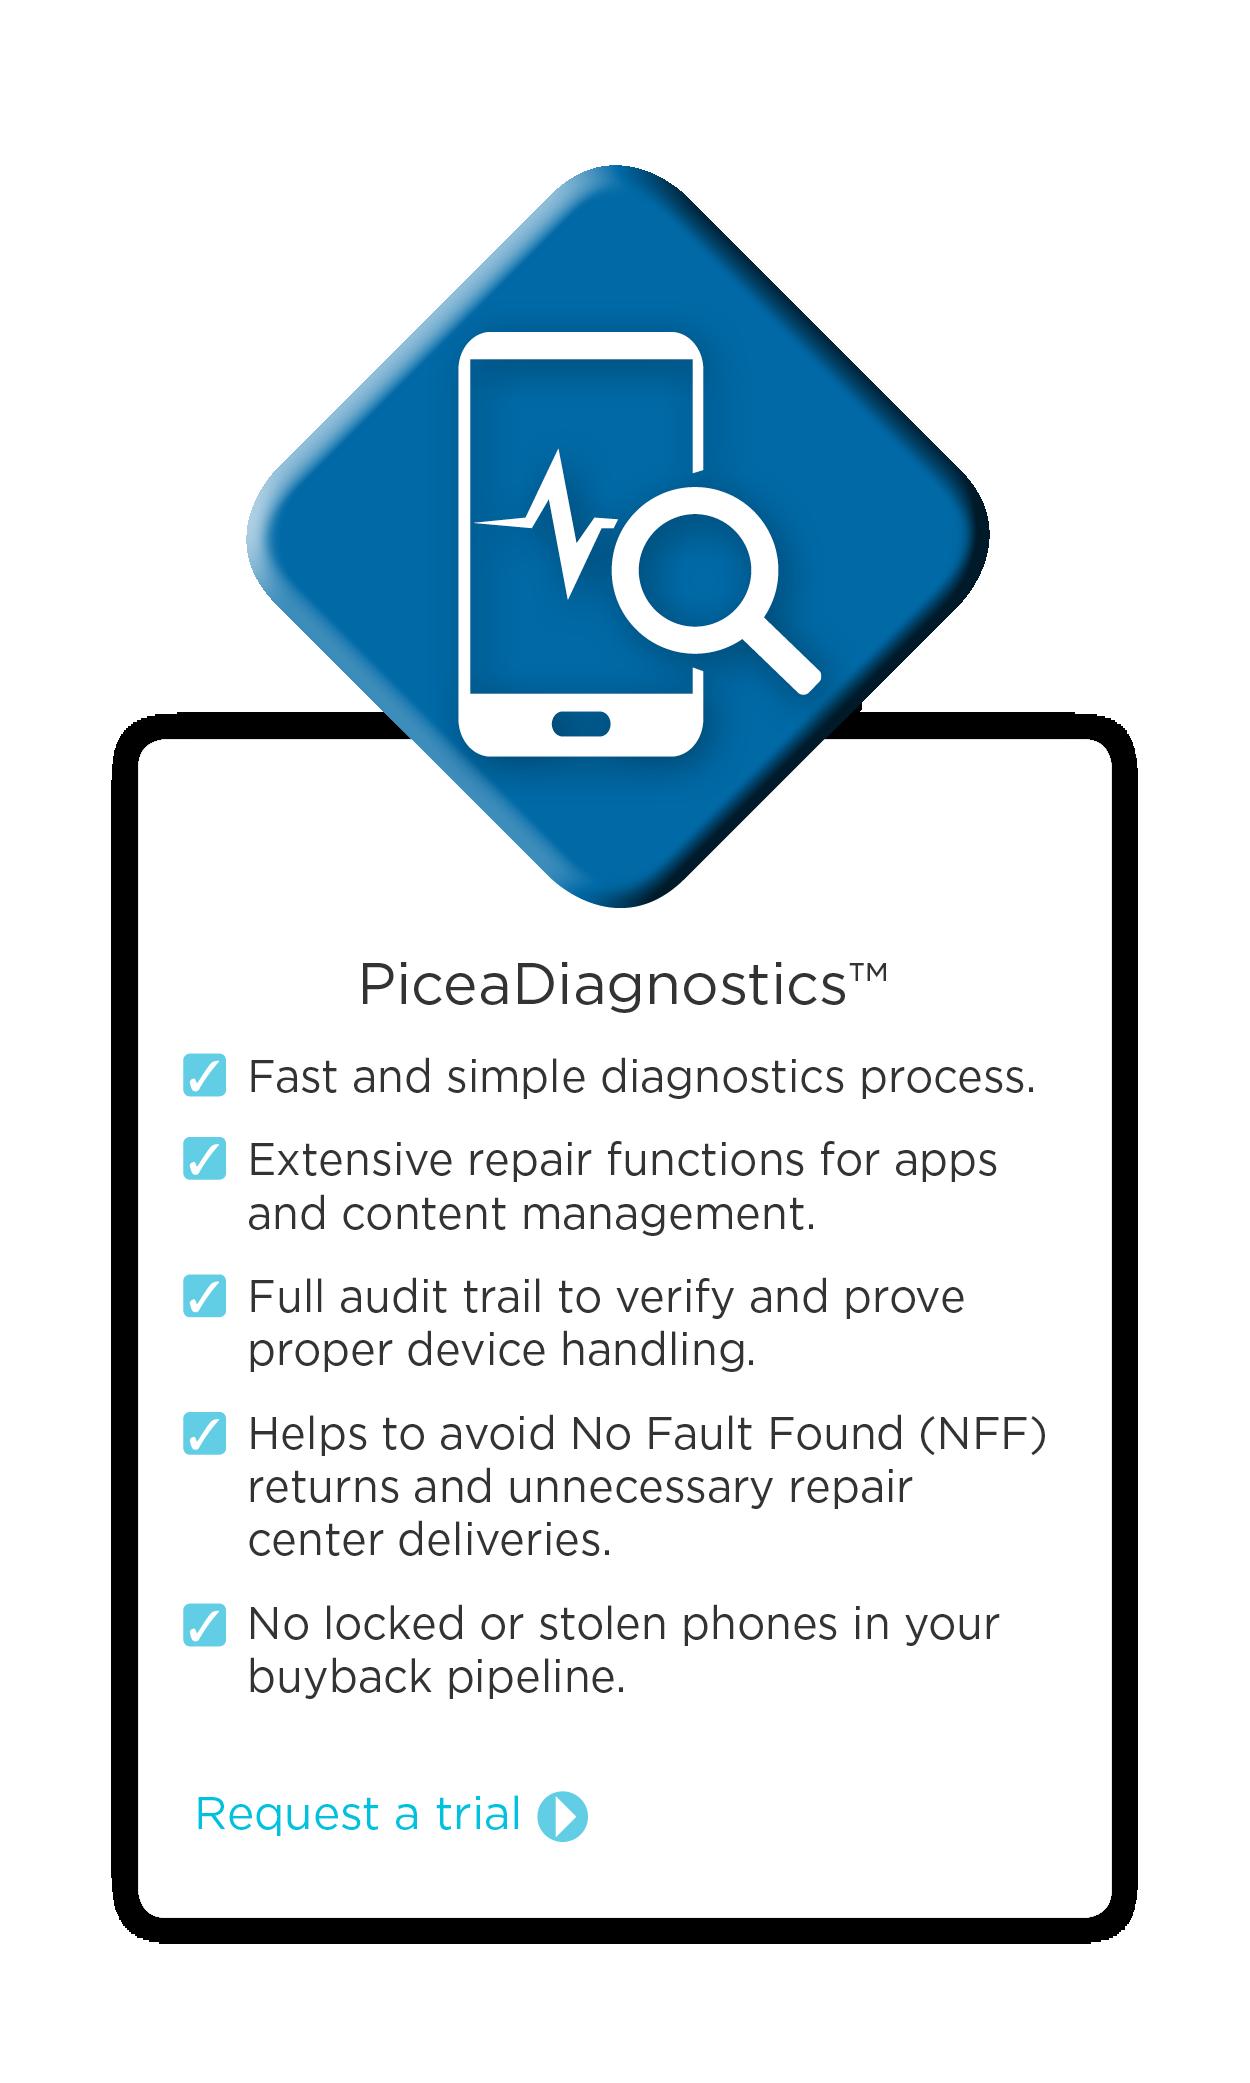 PiceaDiagnostics